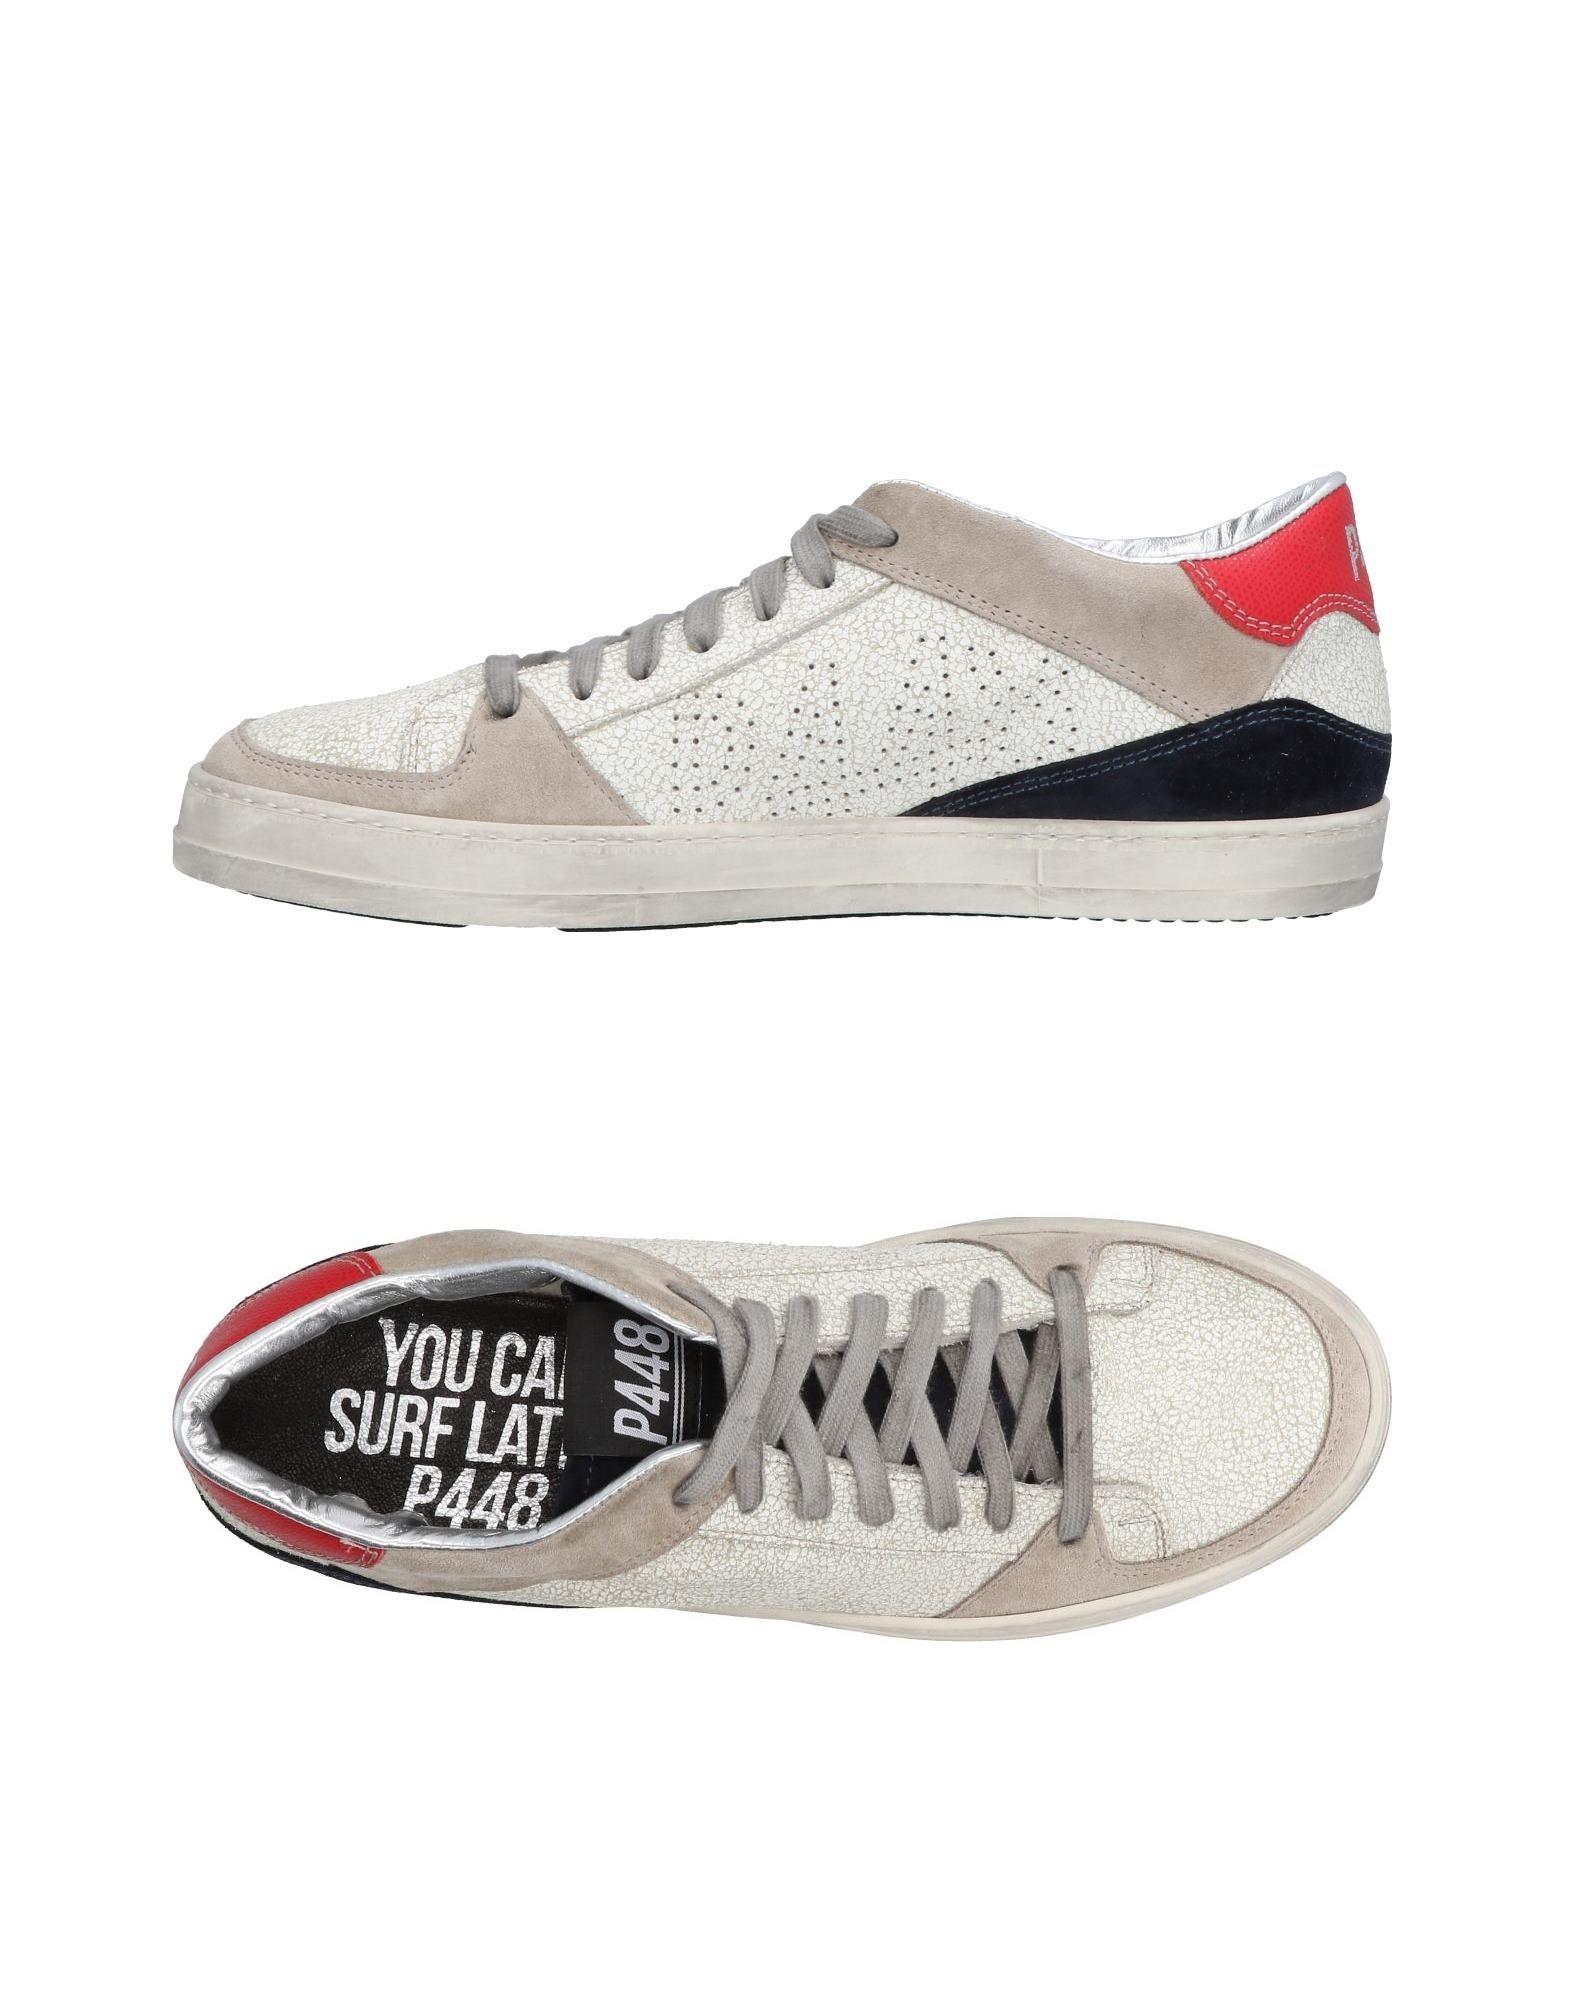 Rabatt echte Schuhe P448 Sneakers Herren  11457212EV